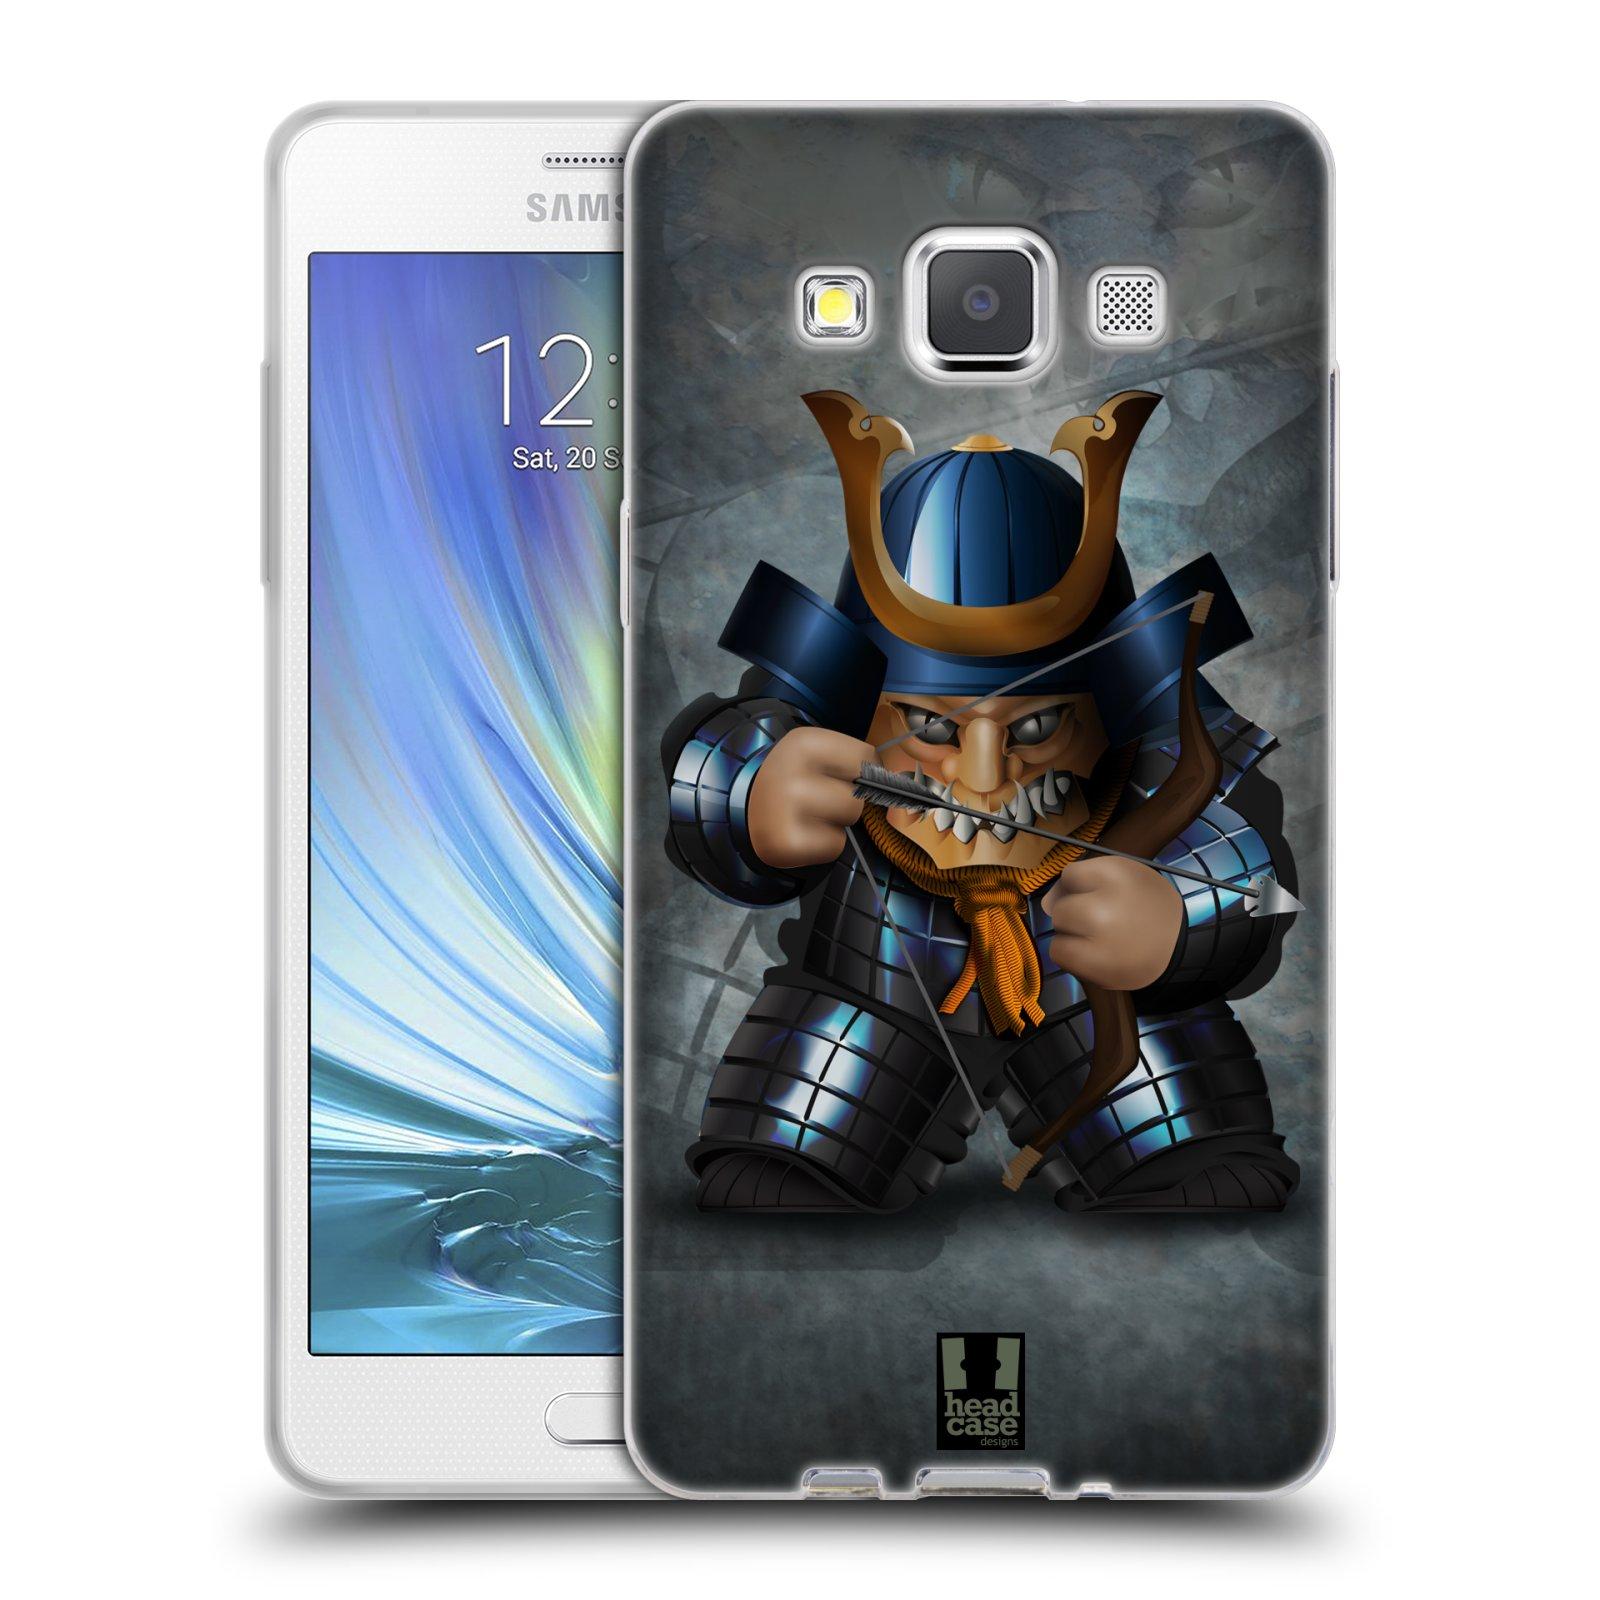 HEAD CASE silikonový obal na mobil Samsung Galaxy A5 vzor Malí bojovníci SHOGUN STŘELEC